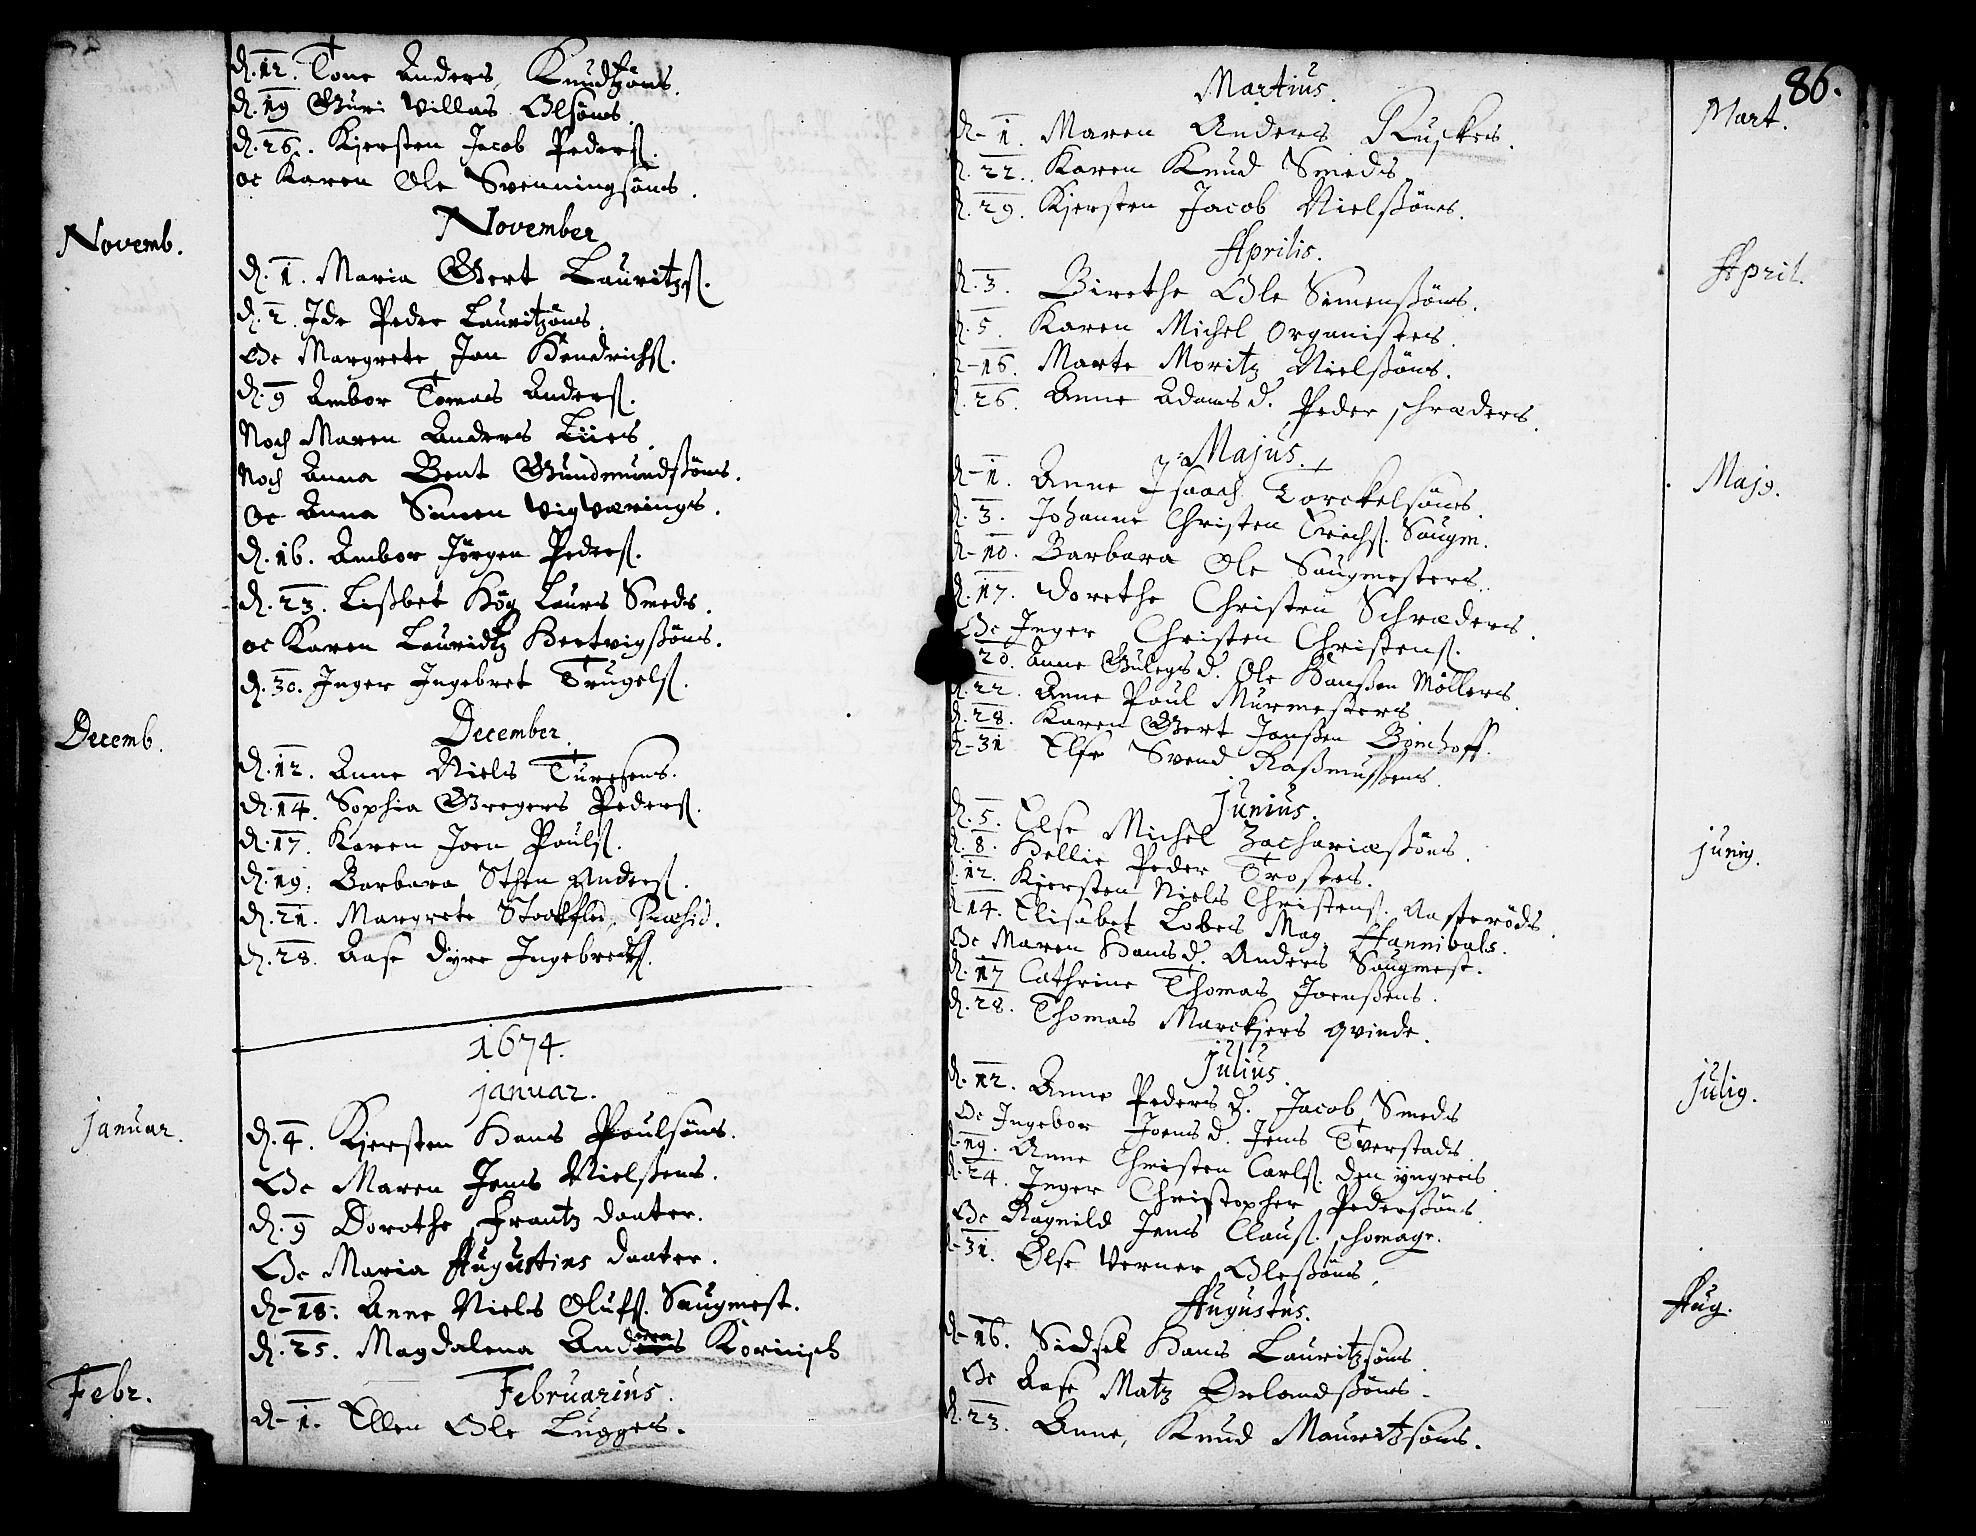 SAKO, Skien kirkebøker, F/Fa/L0001: Ministerialbok nr. 1, 1659-1679, s. 86